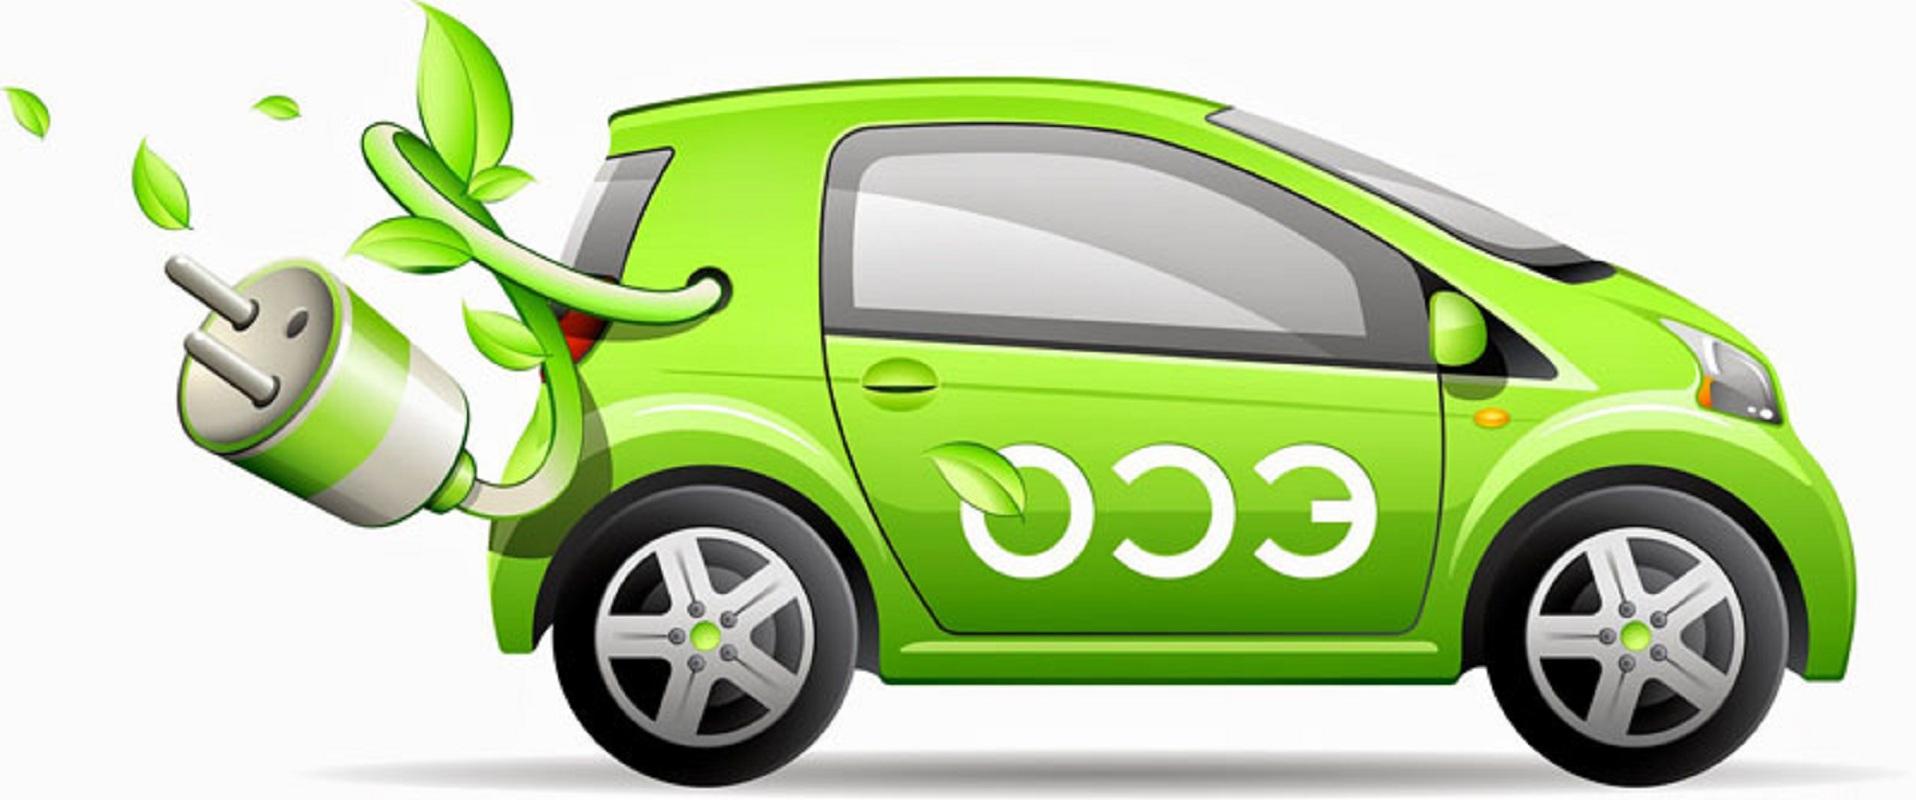 Los autos eléctricos coparán el mercado mundial - El ...